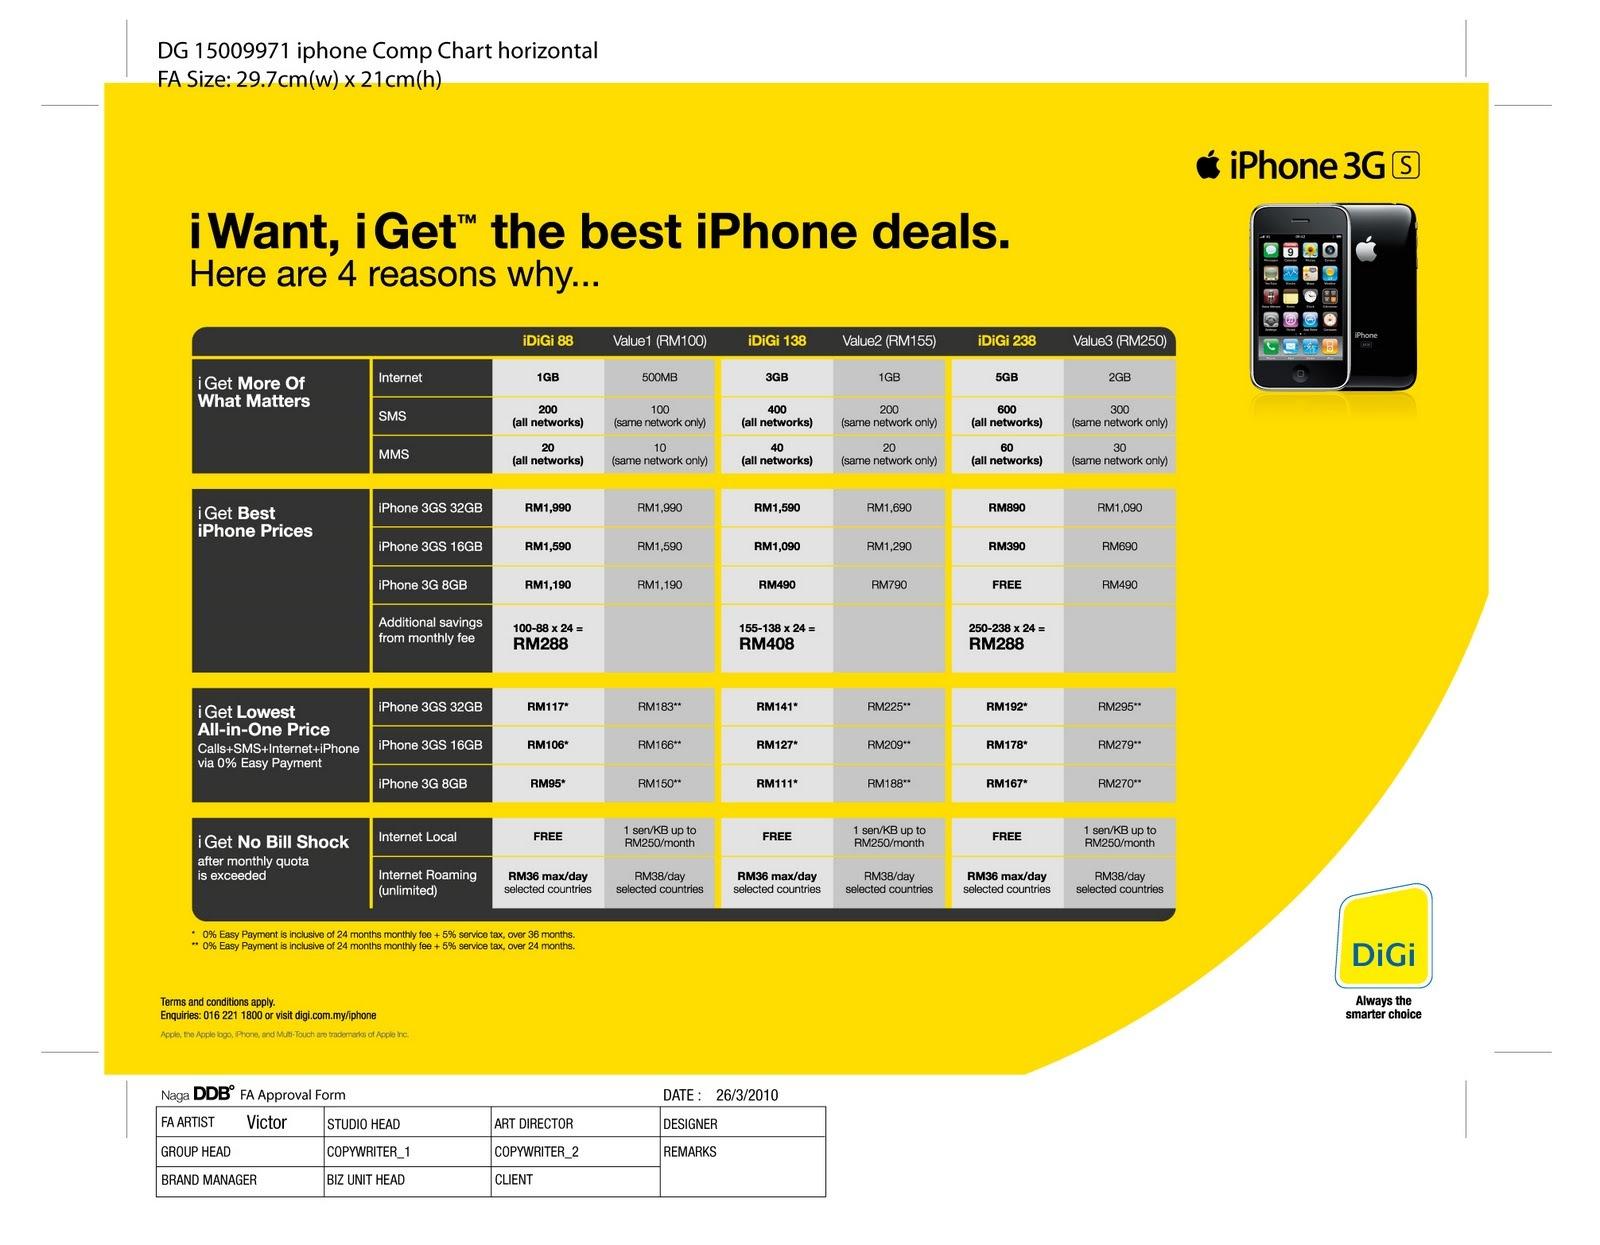 Iphone Plans Comparison